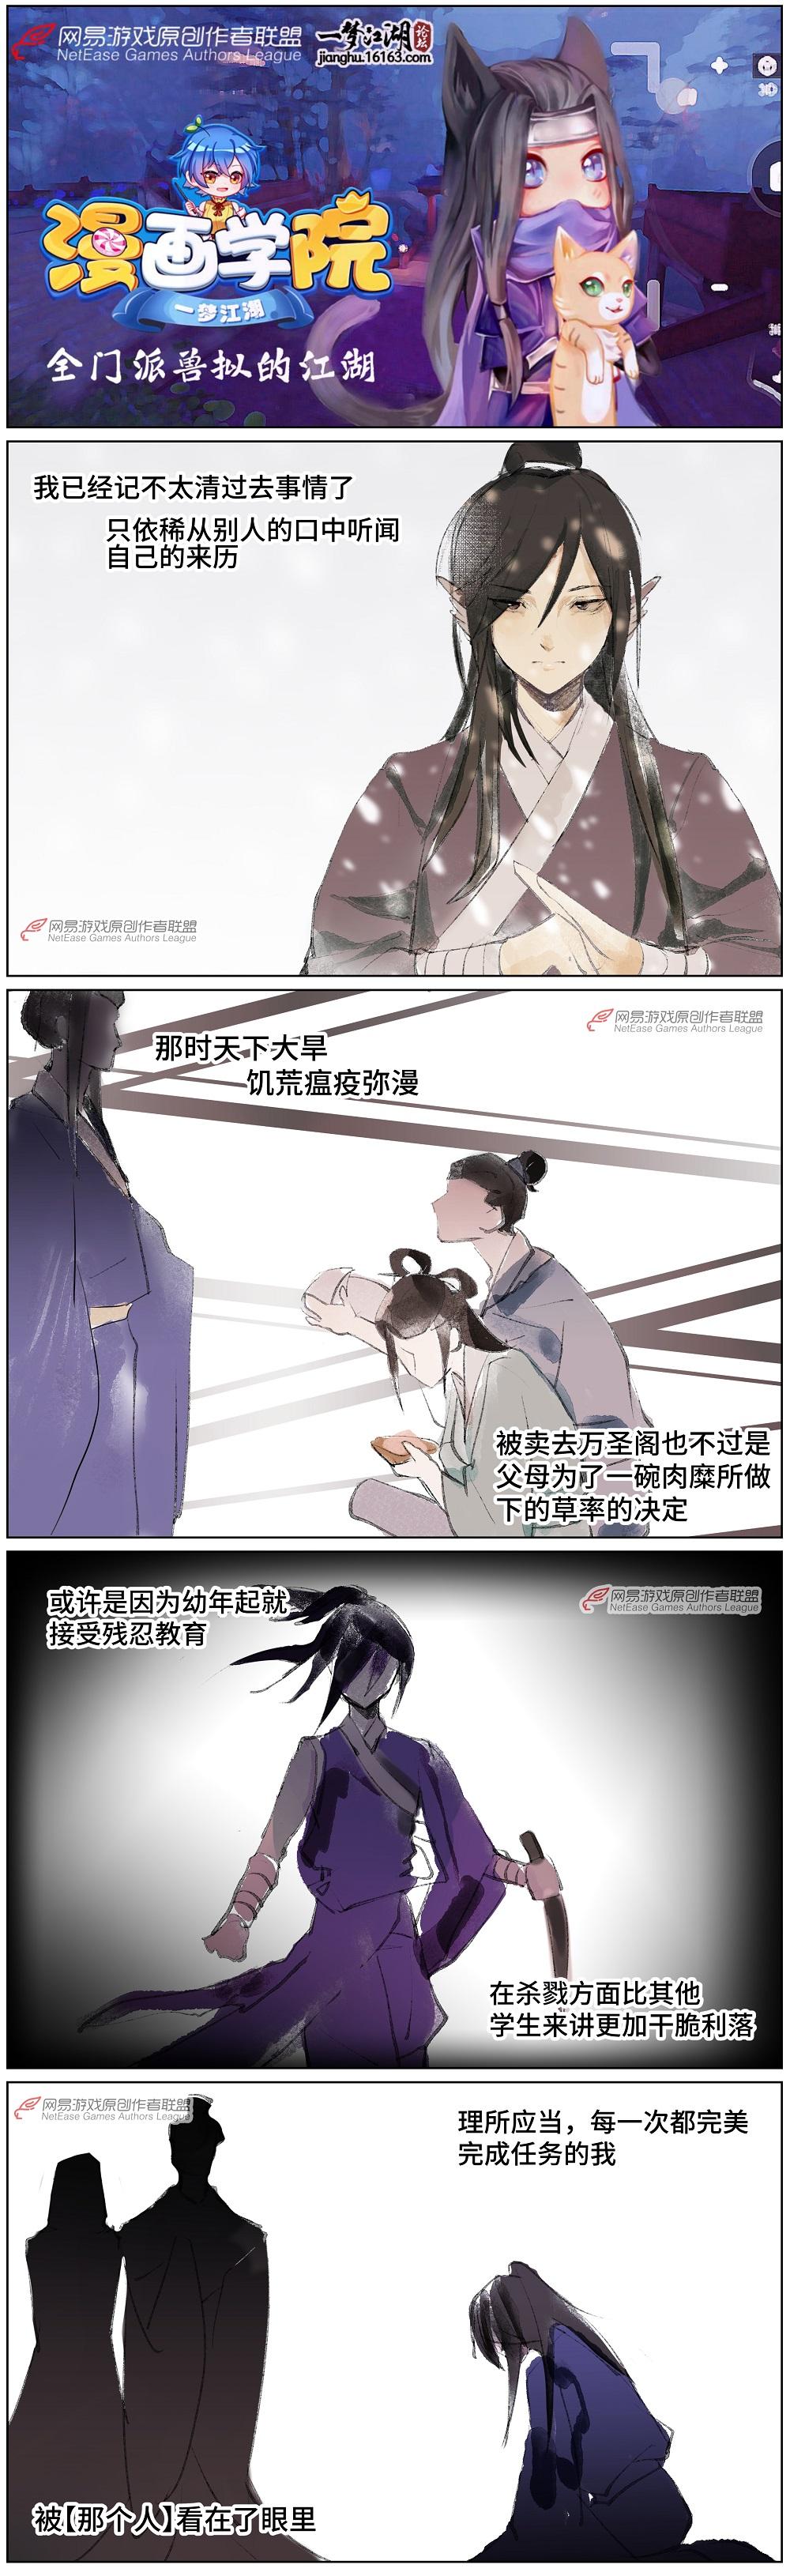 【原创作者联盟】【漫画学院】过去【2】